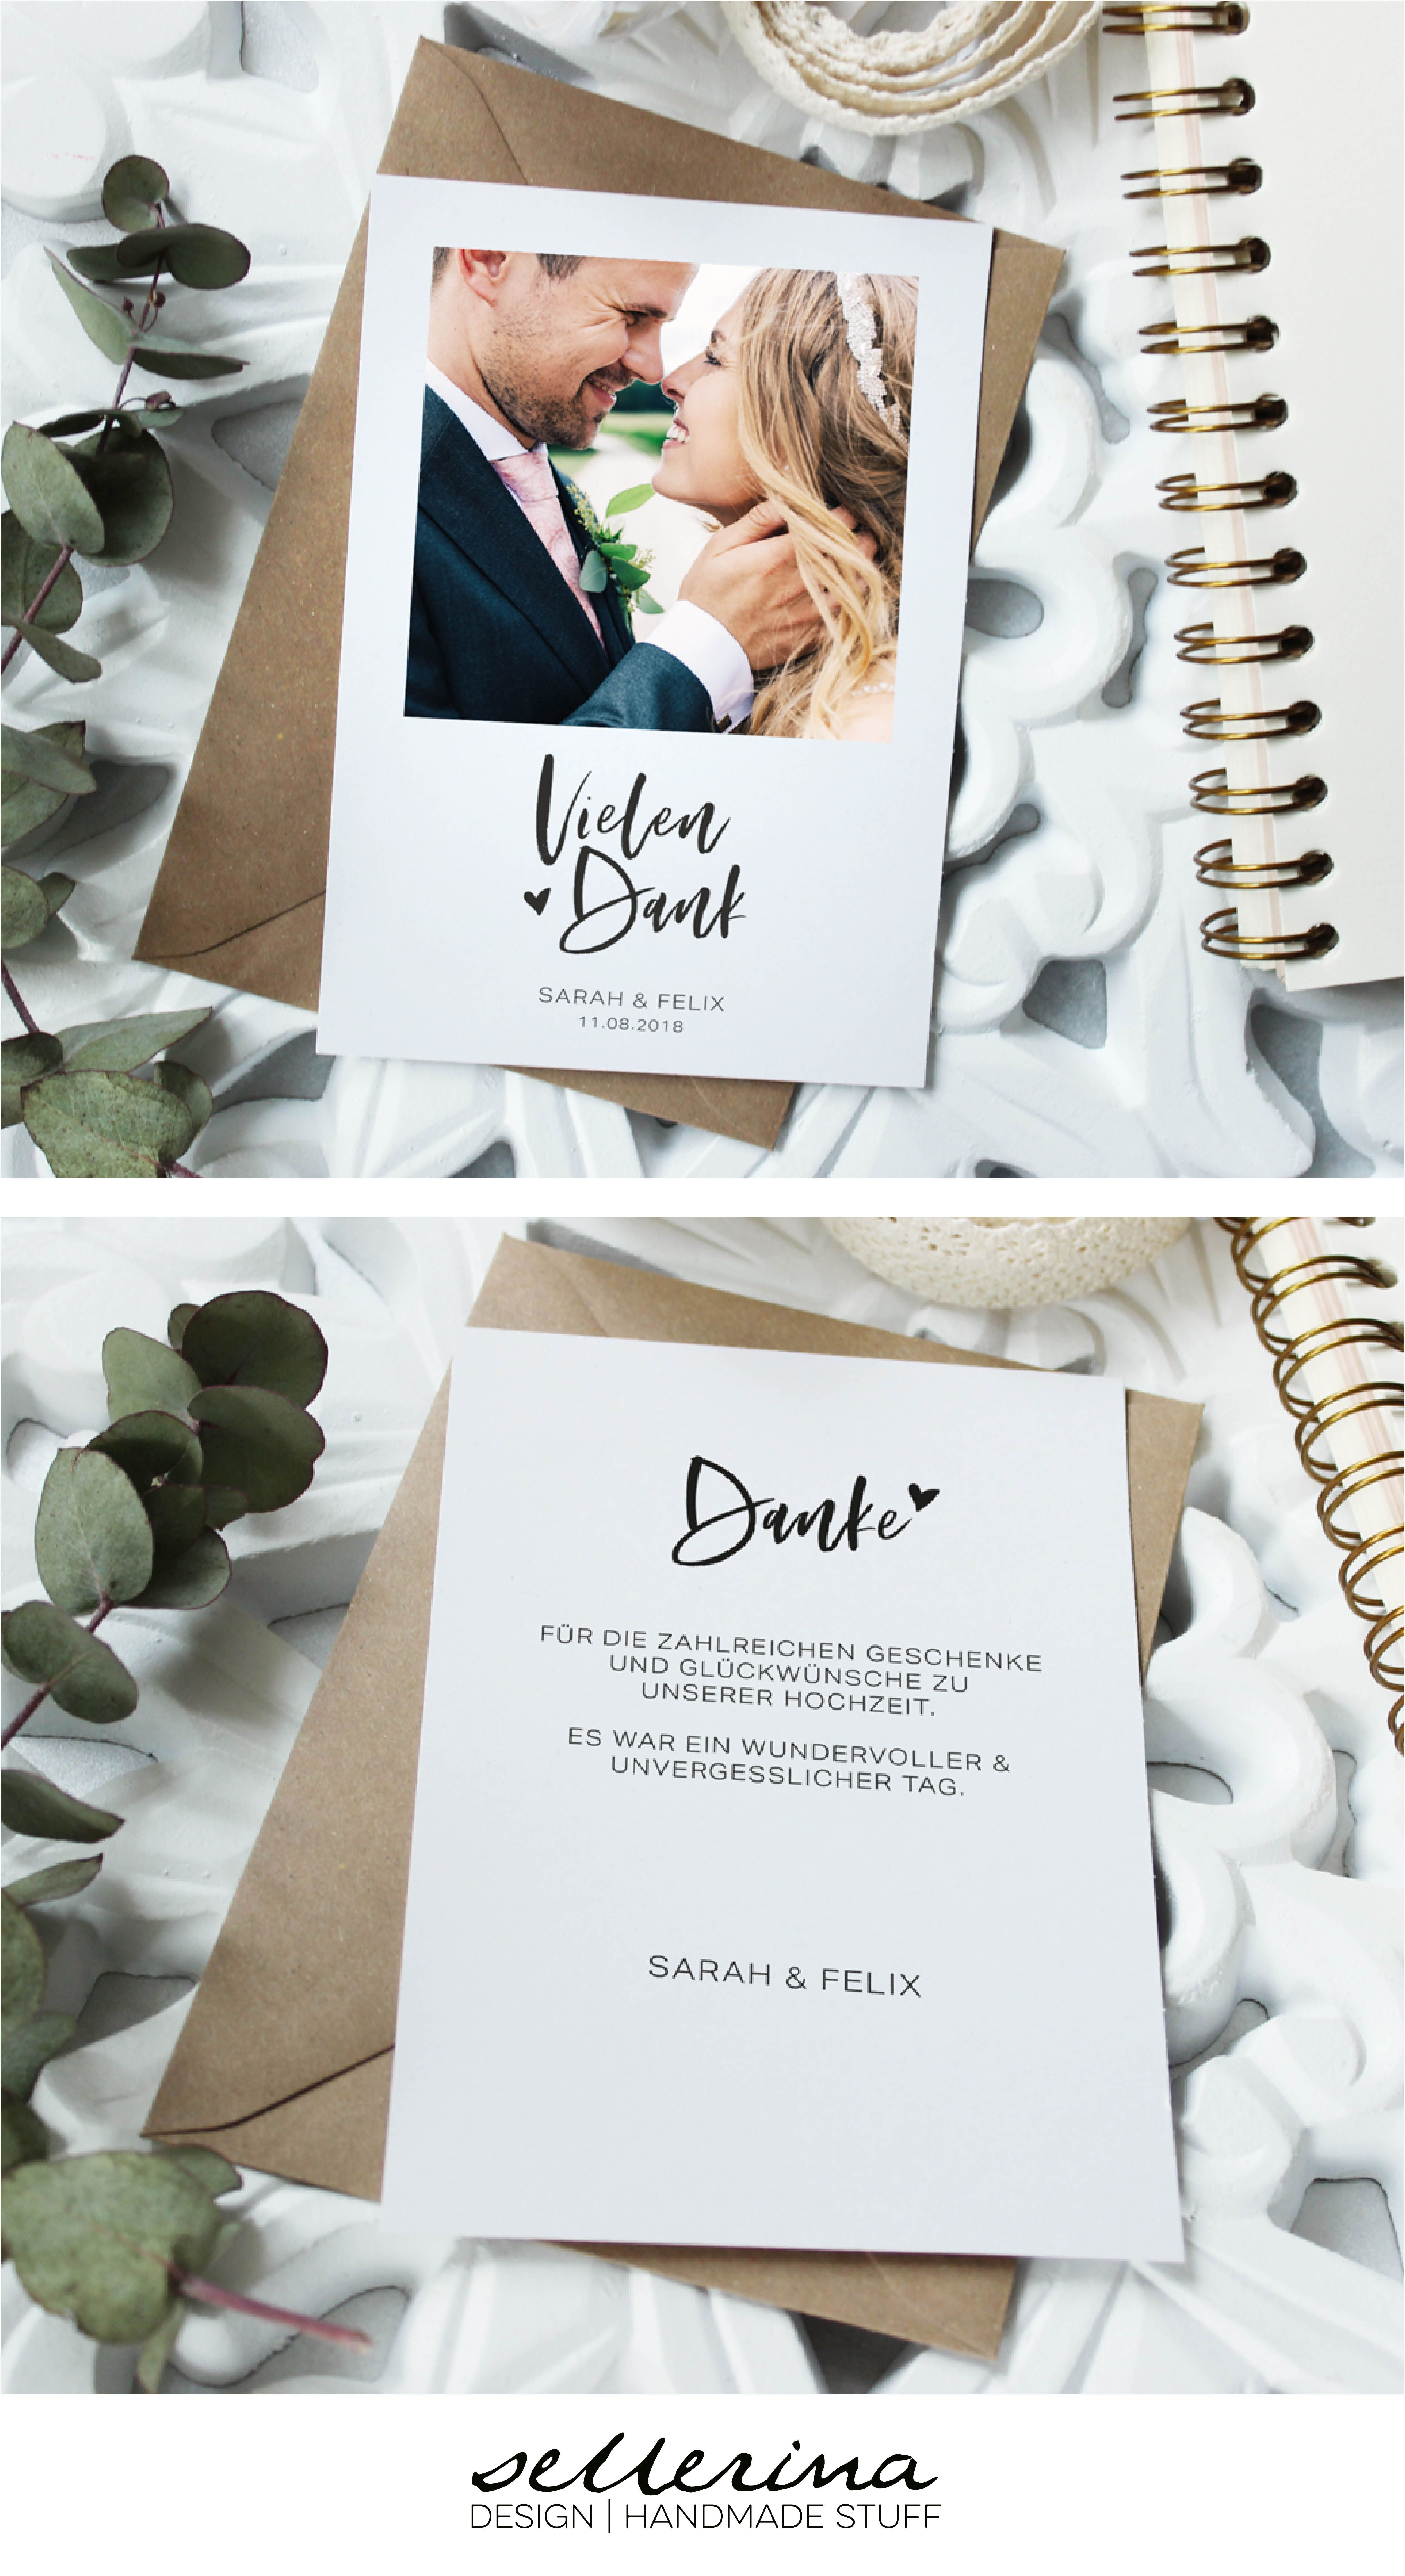 Danksagungskarte in schlichtem Design | individuelle Hochzeitspapeterie von sellerina  Das Fest ist vorbei und man möchte DANKE sagen. Die Postkarte wird individuell mit Namen, Bild & Text zu eurer persönlichen Dankeskarte. #personalizedwedding